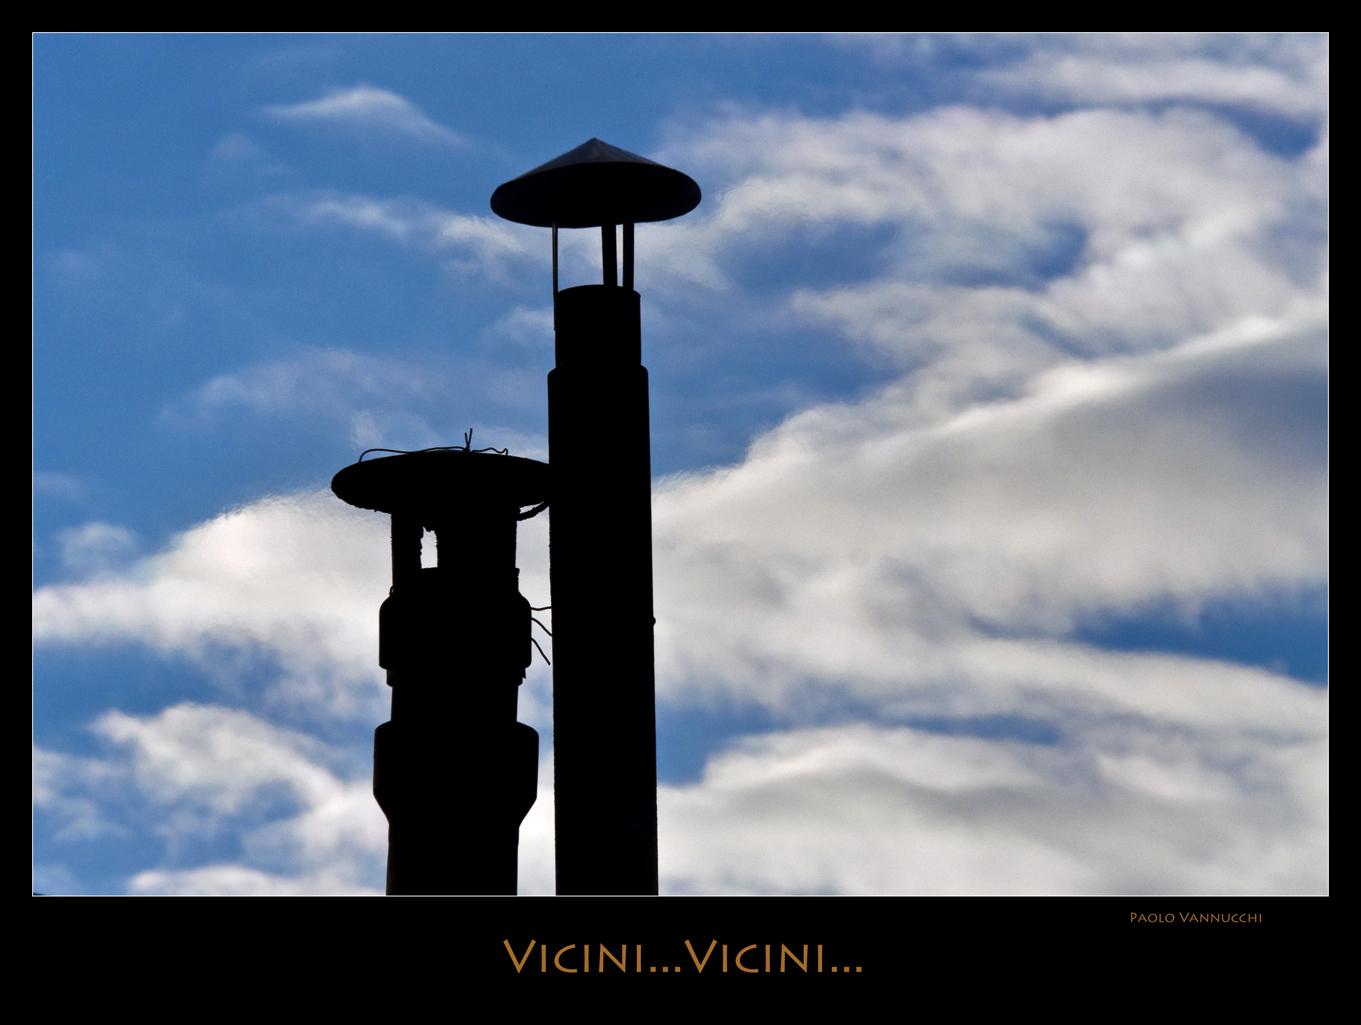 Vicini...Vicini...